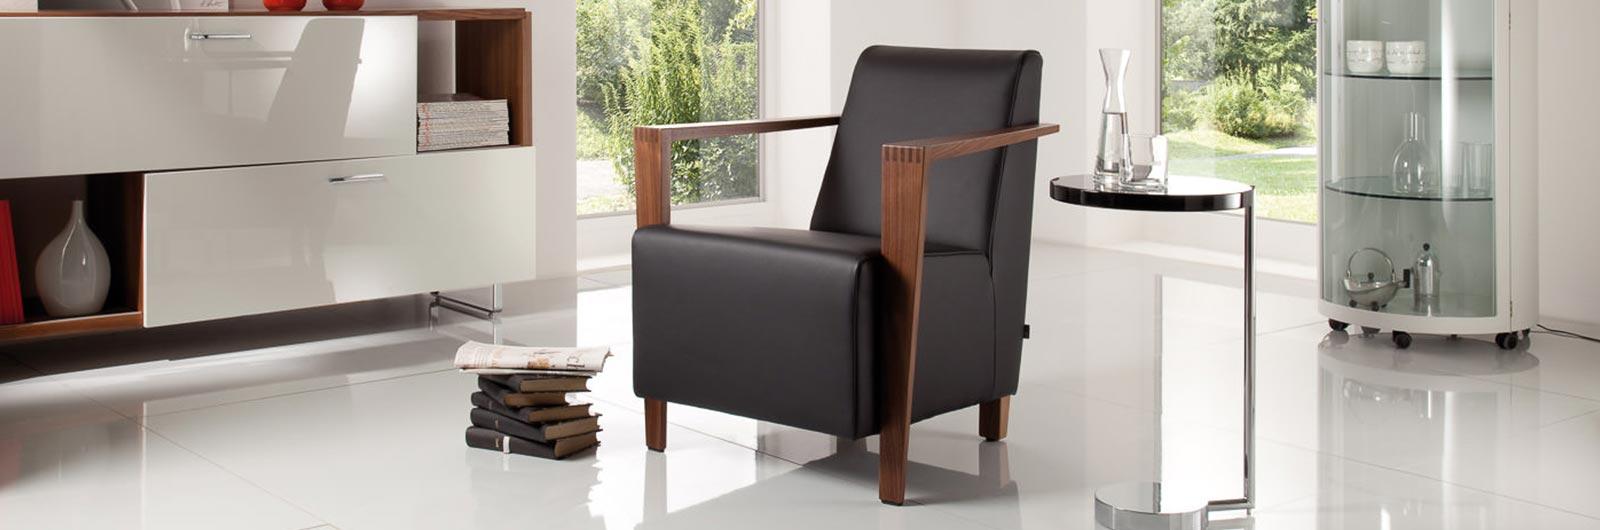 DRESDEN Designer Sessel von Franz Fertig mit Holzarmlehnen